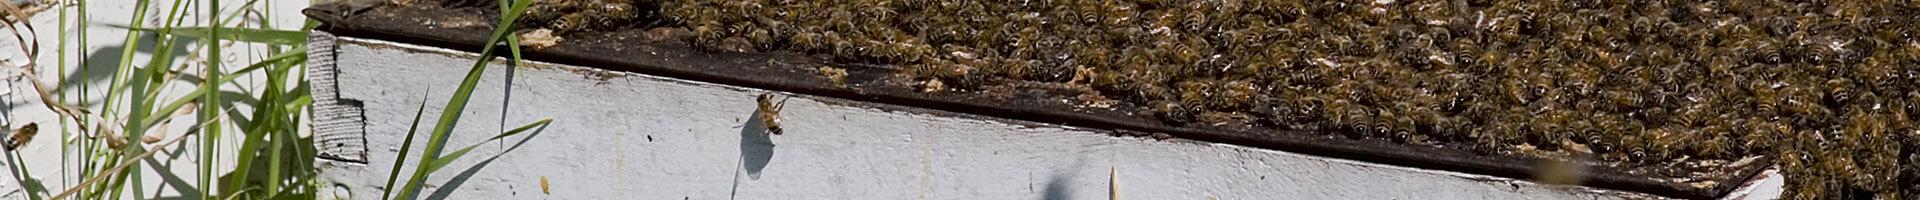 American-Bee-Journal-beekeeping-2